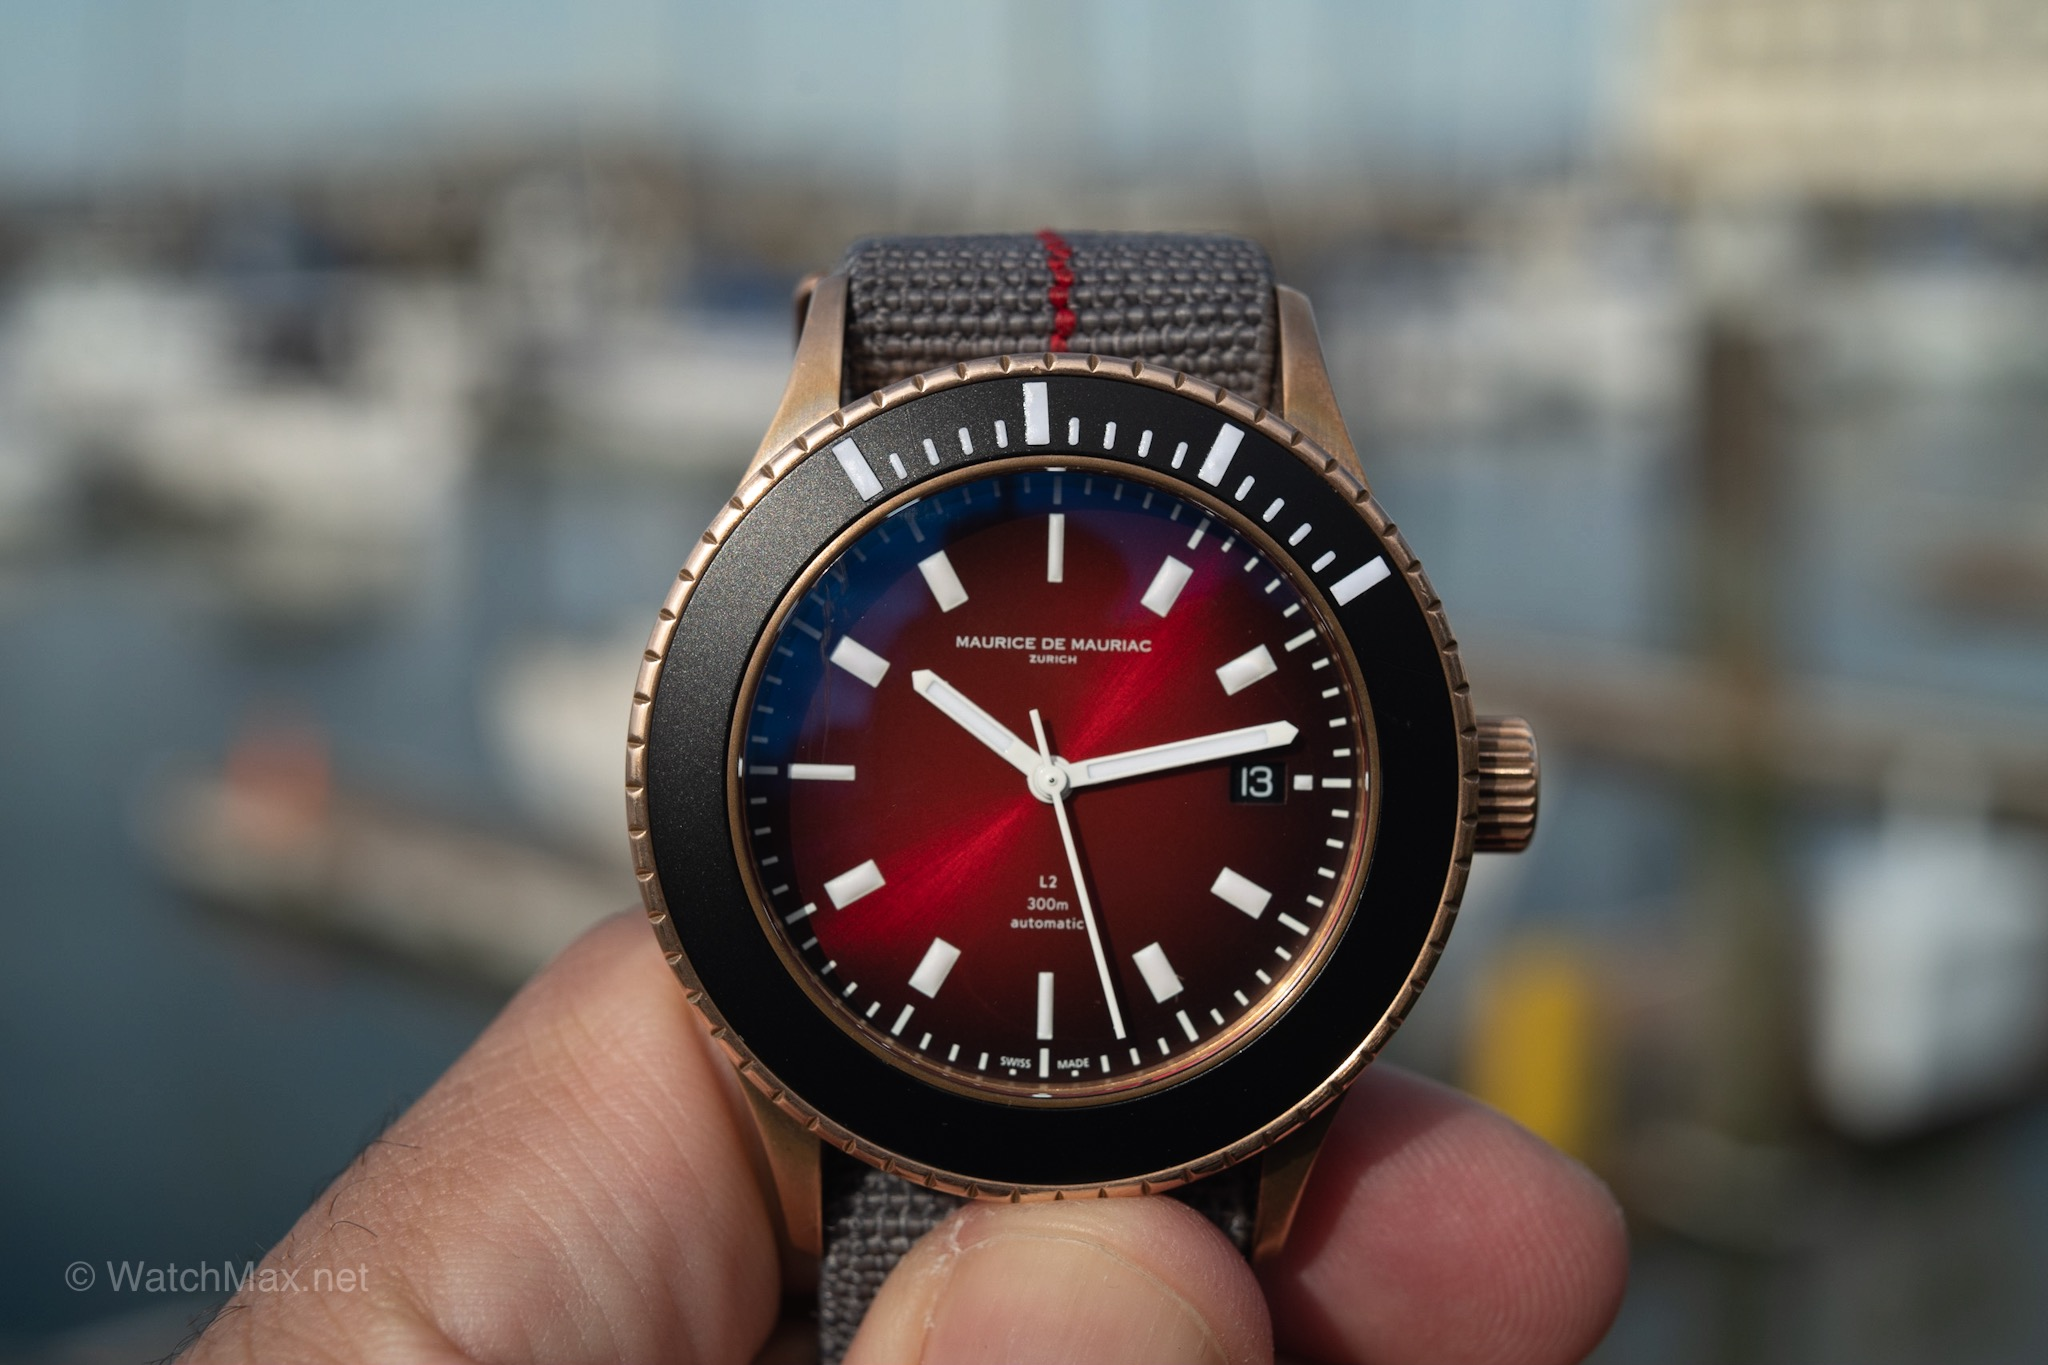 maurice-de-mauriac-l2-bronze-deep-red-27.JPG